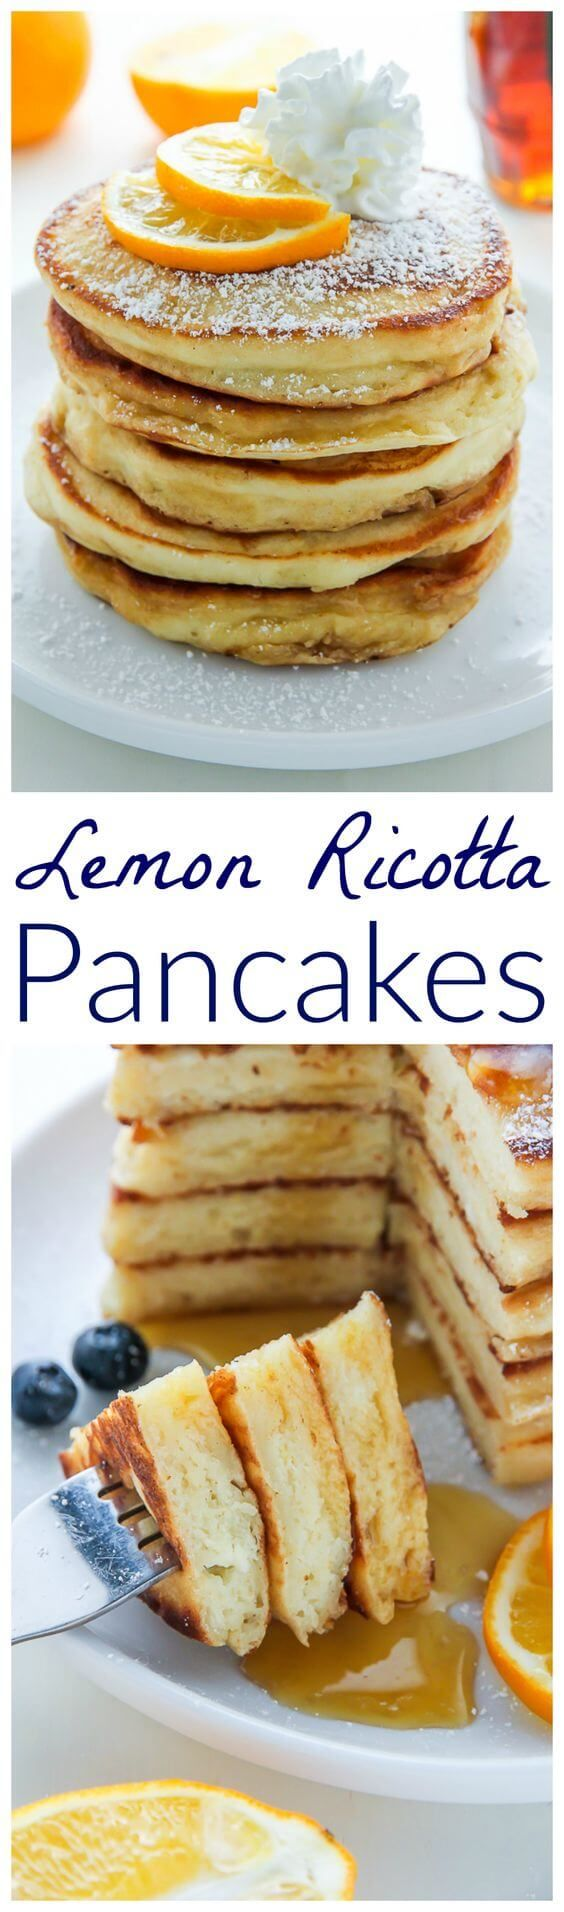 nice Lemon Ricotta Pancakes